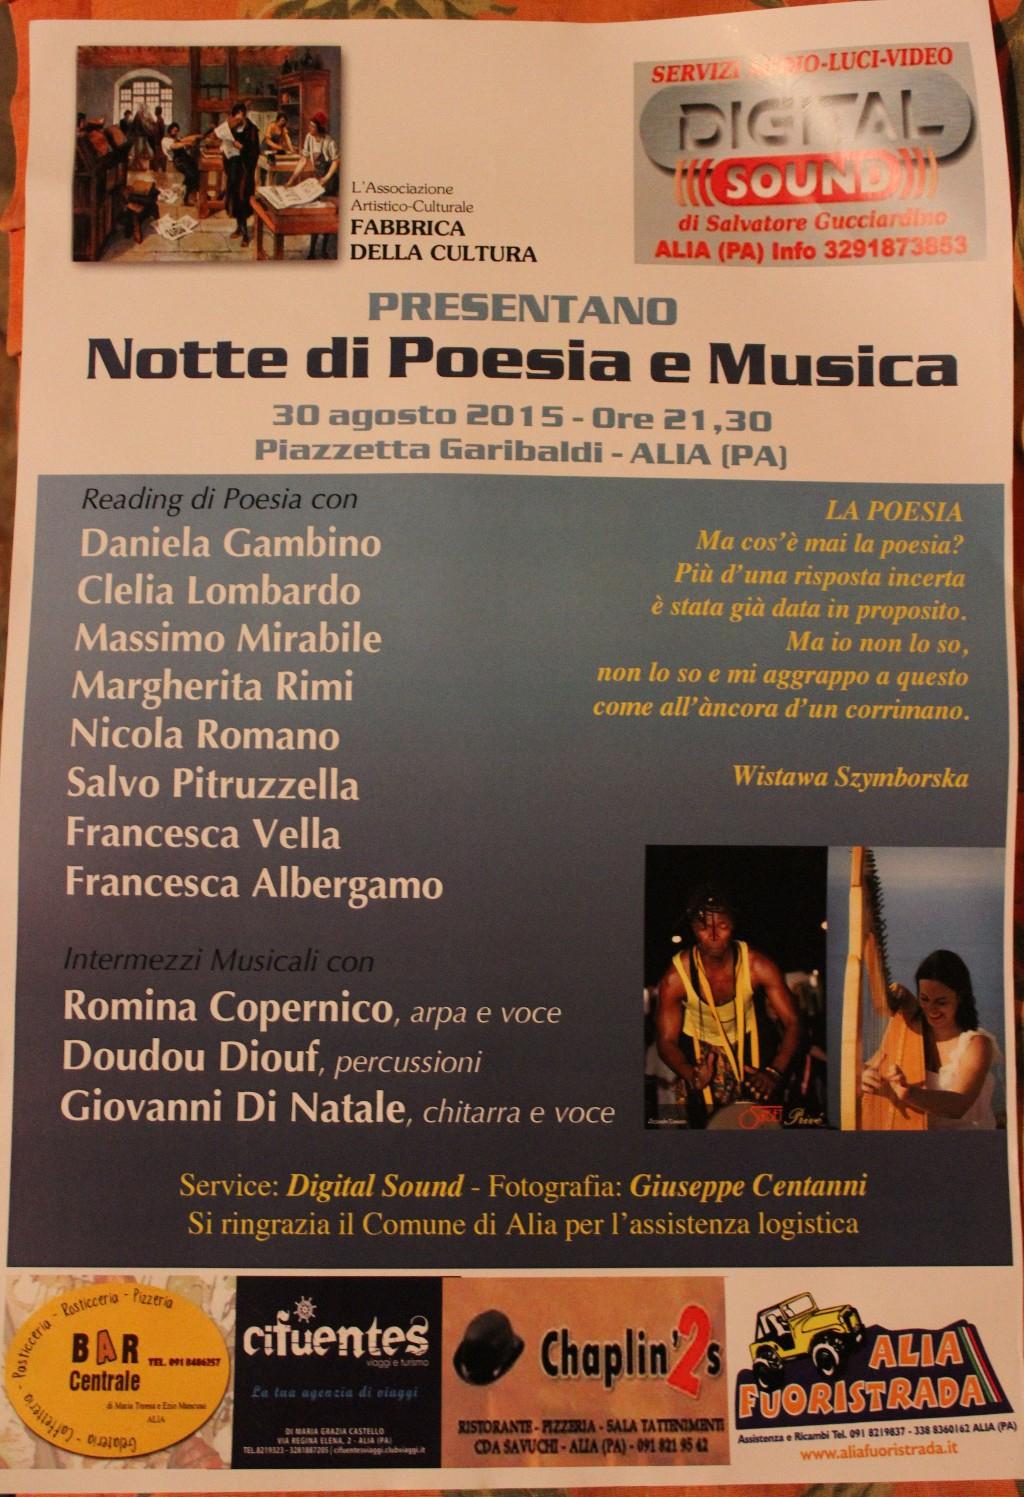 Notte di Poesia e Musica 30 Agosto 2015,ore 21.00 Piazzetta Garibaldi- Alia